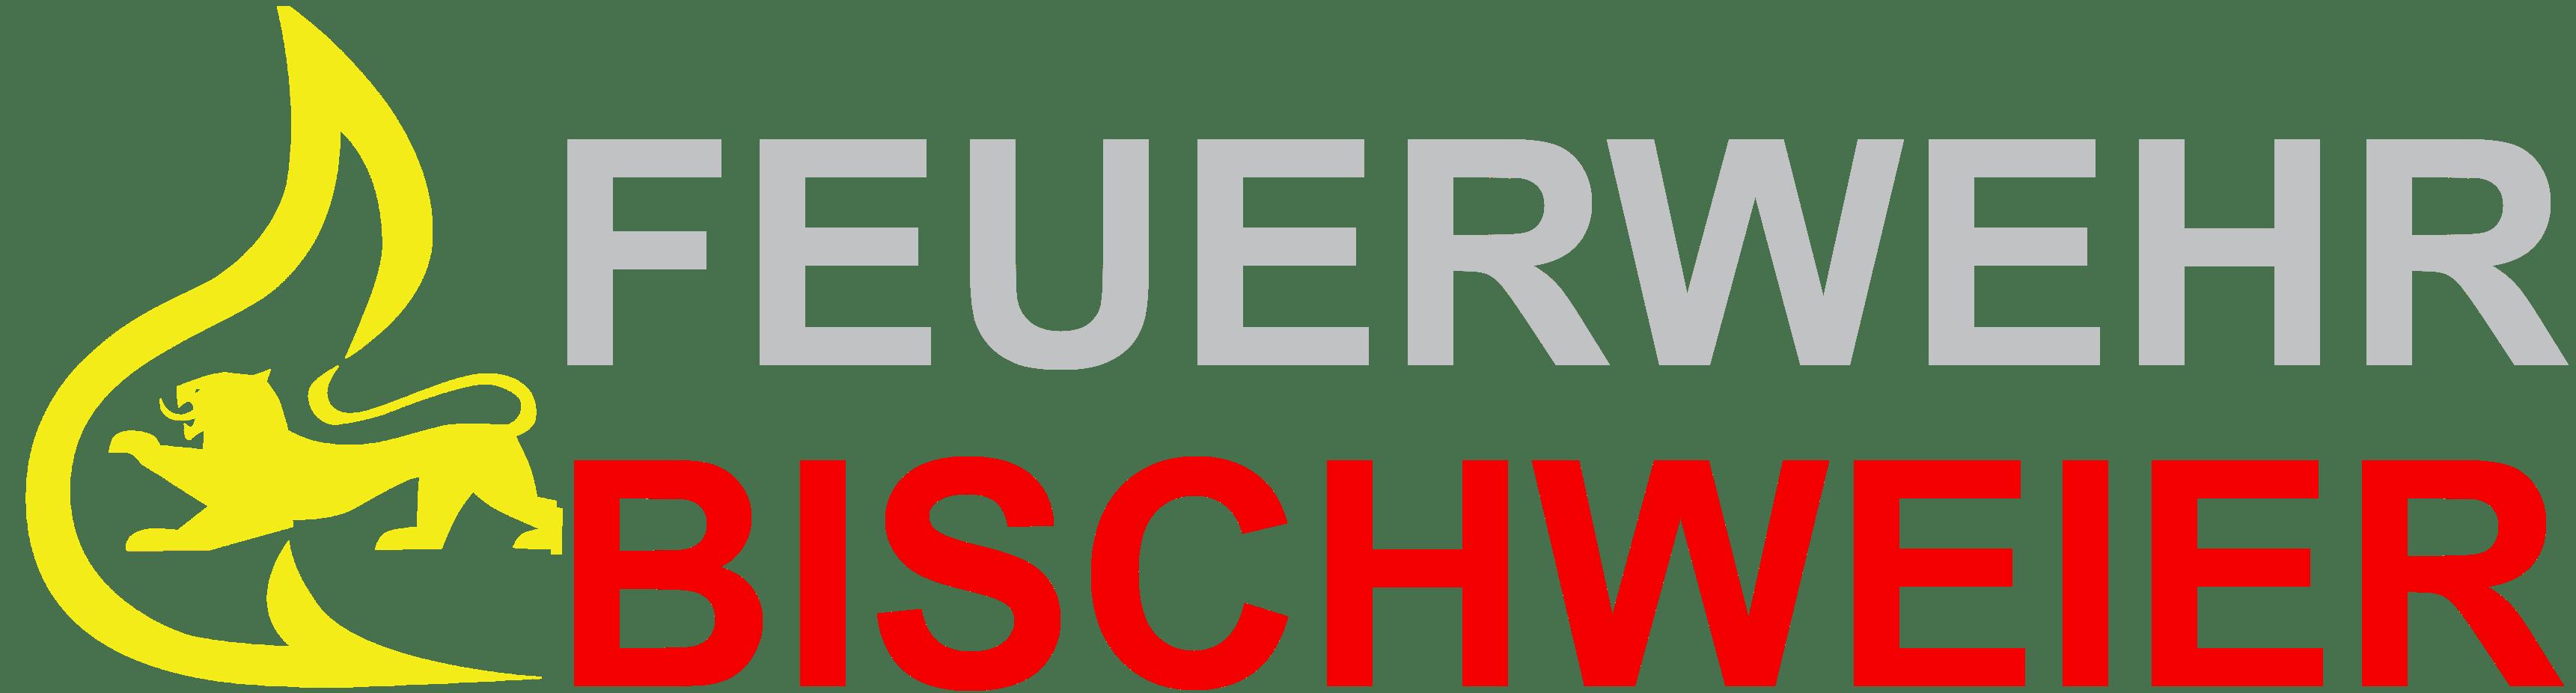 Feuerwehr Bischweier